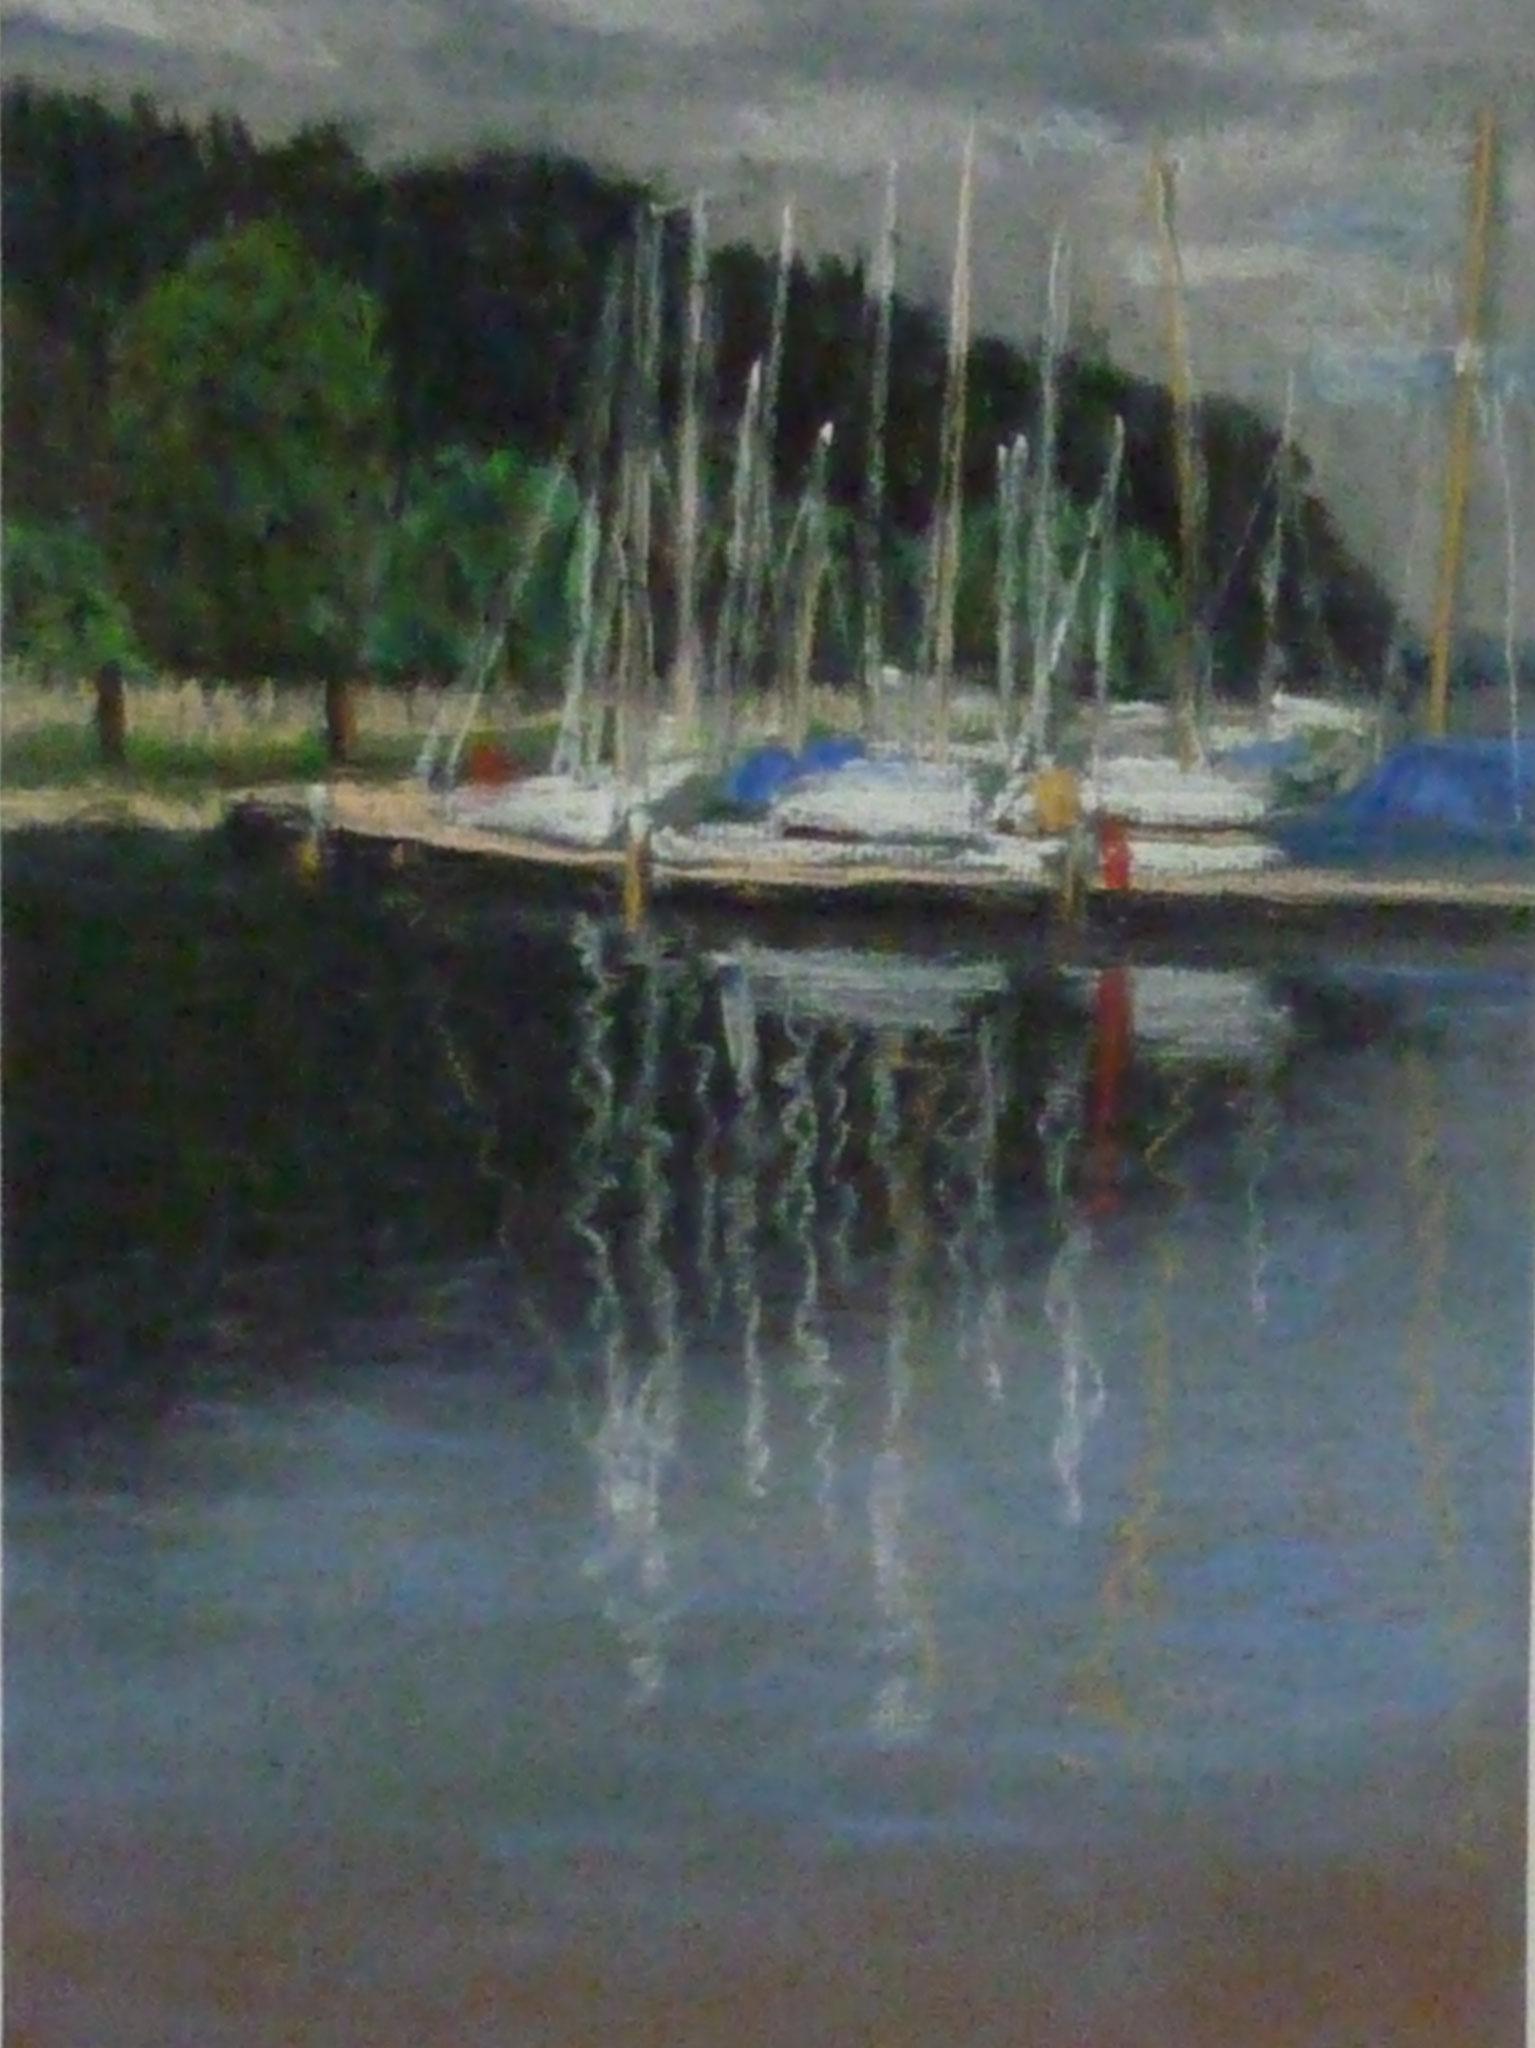 Quellental, 2008, 30 x 21cm, Pastell auf Ingres-Papier